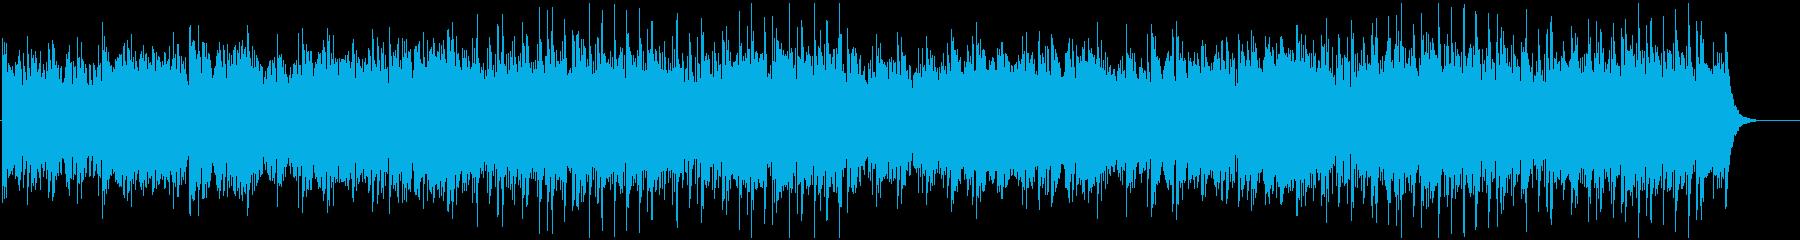 ハートウォーミングなインストゥルメンタルの再生済みの波形